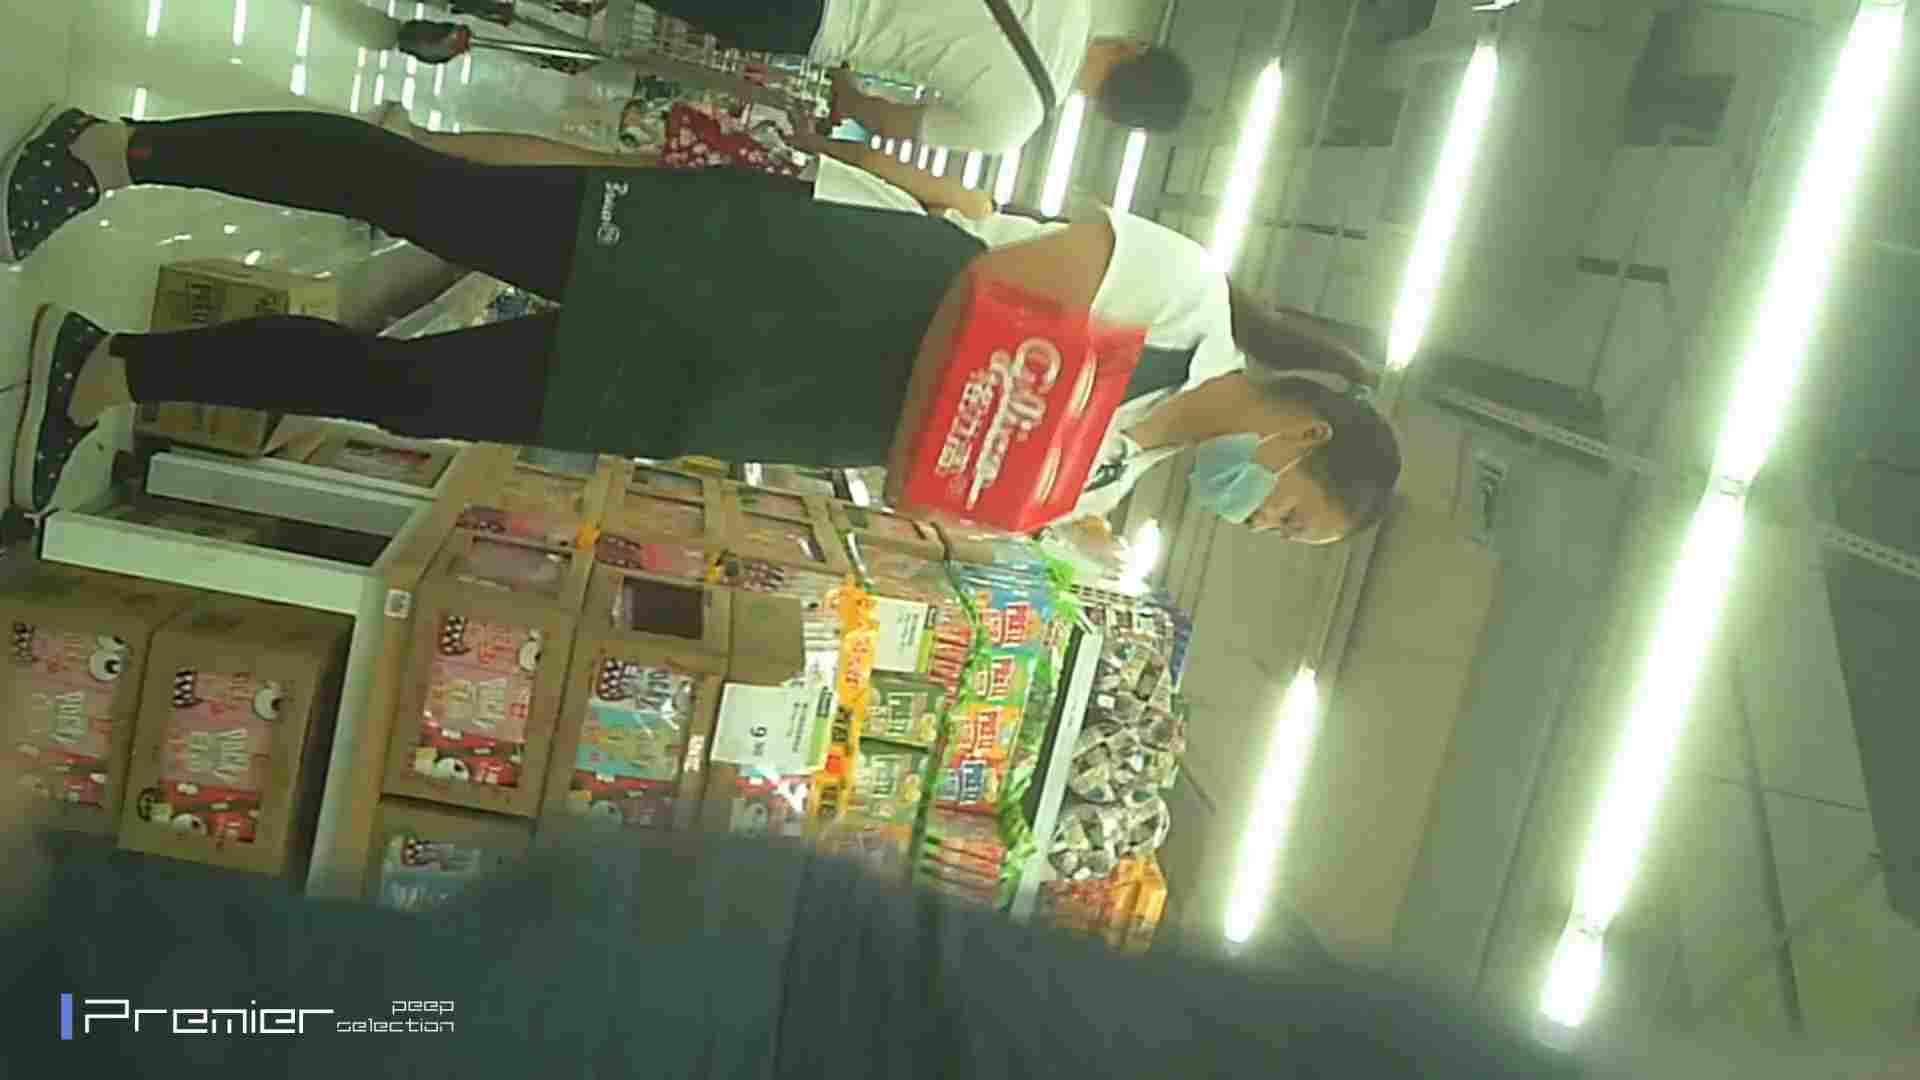 ギャルのパンチラ 美女の痴態に密着!Vol.15 ギャルの実態 盗み撮りオマンコ動画キャプチャ 105pic 77